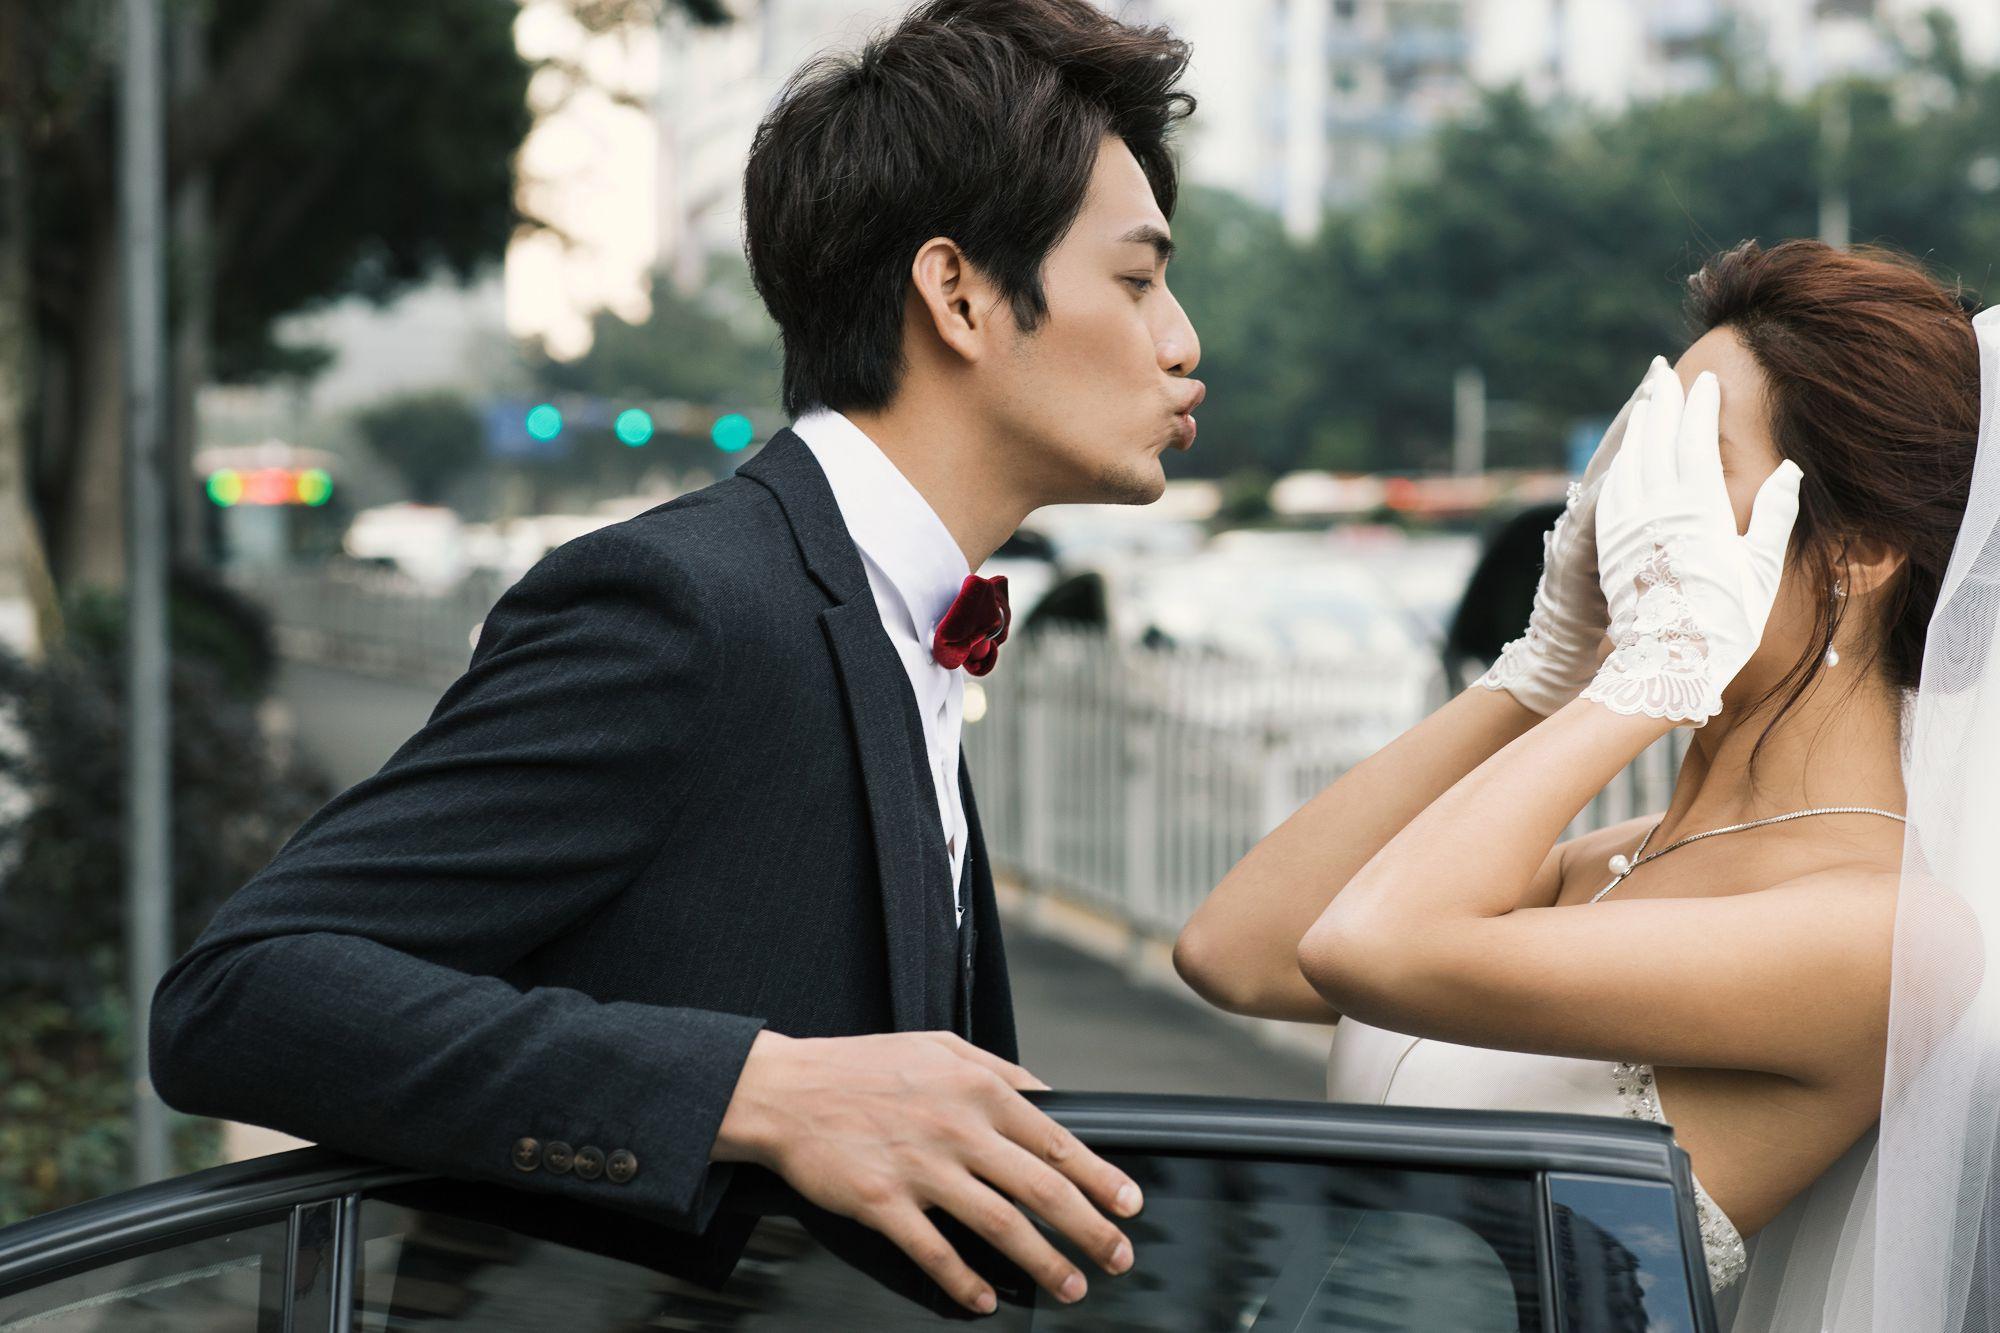 结婚应该先领证还是先办婚礼呢?先结婚后领证意味着什么?